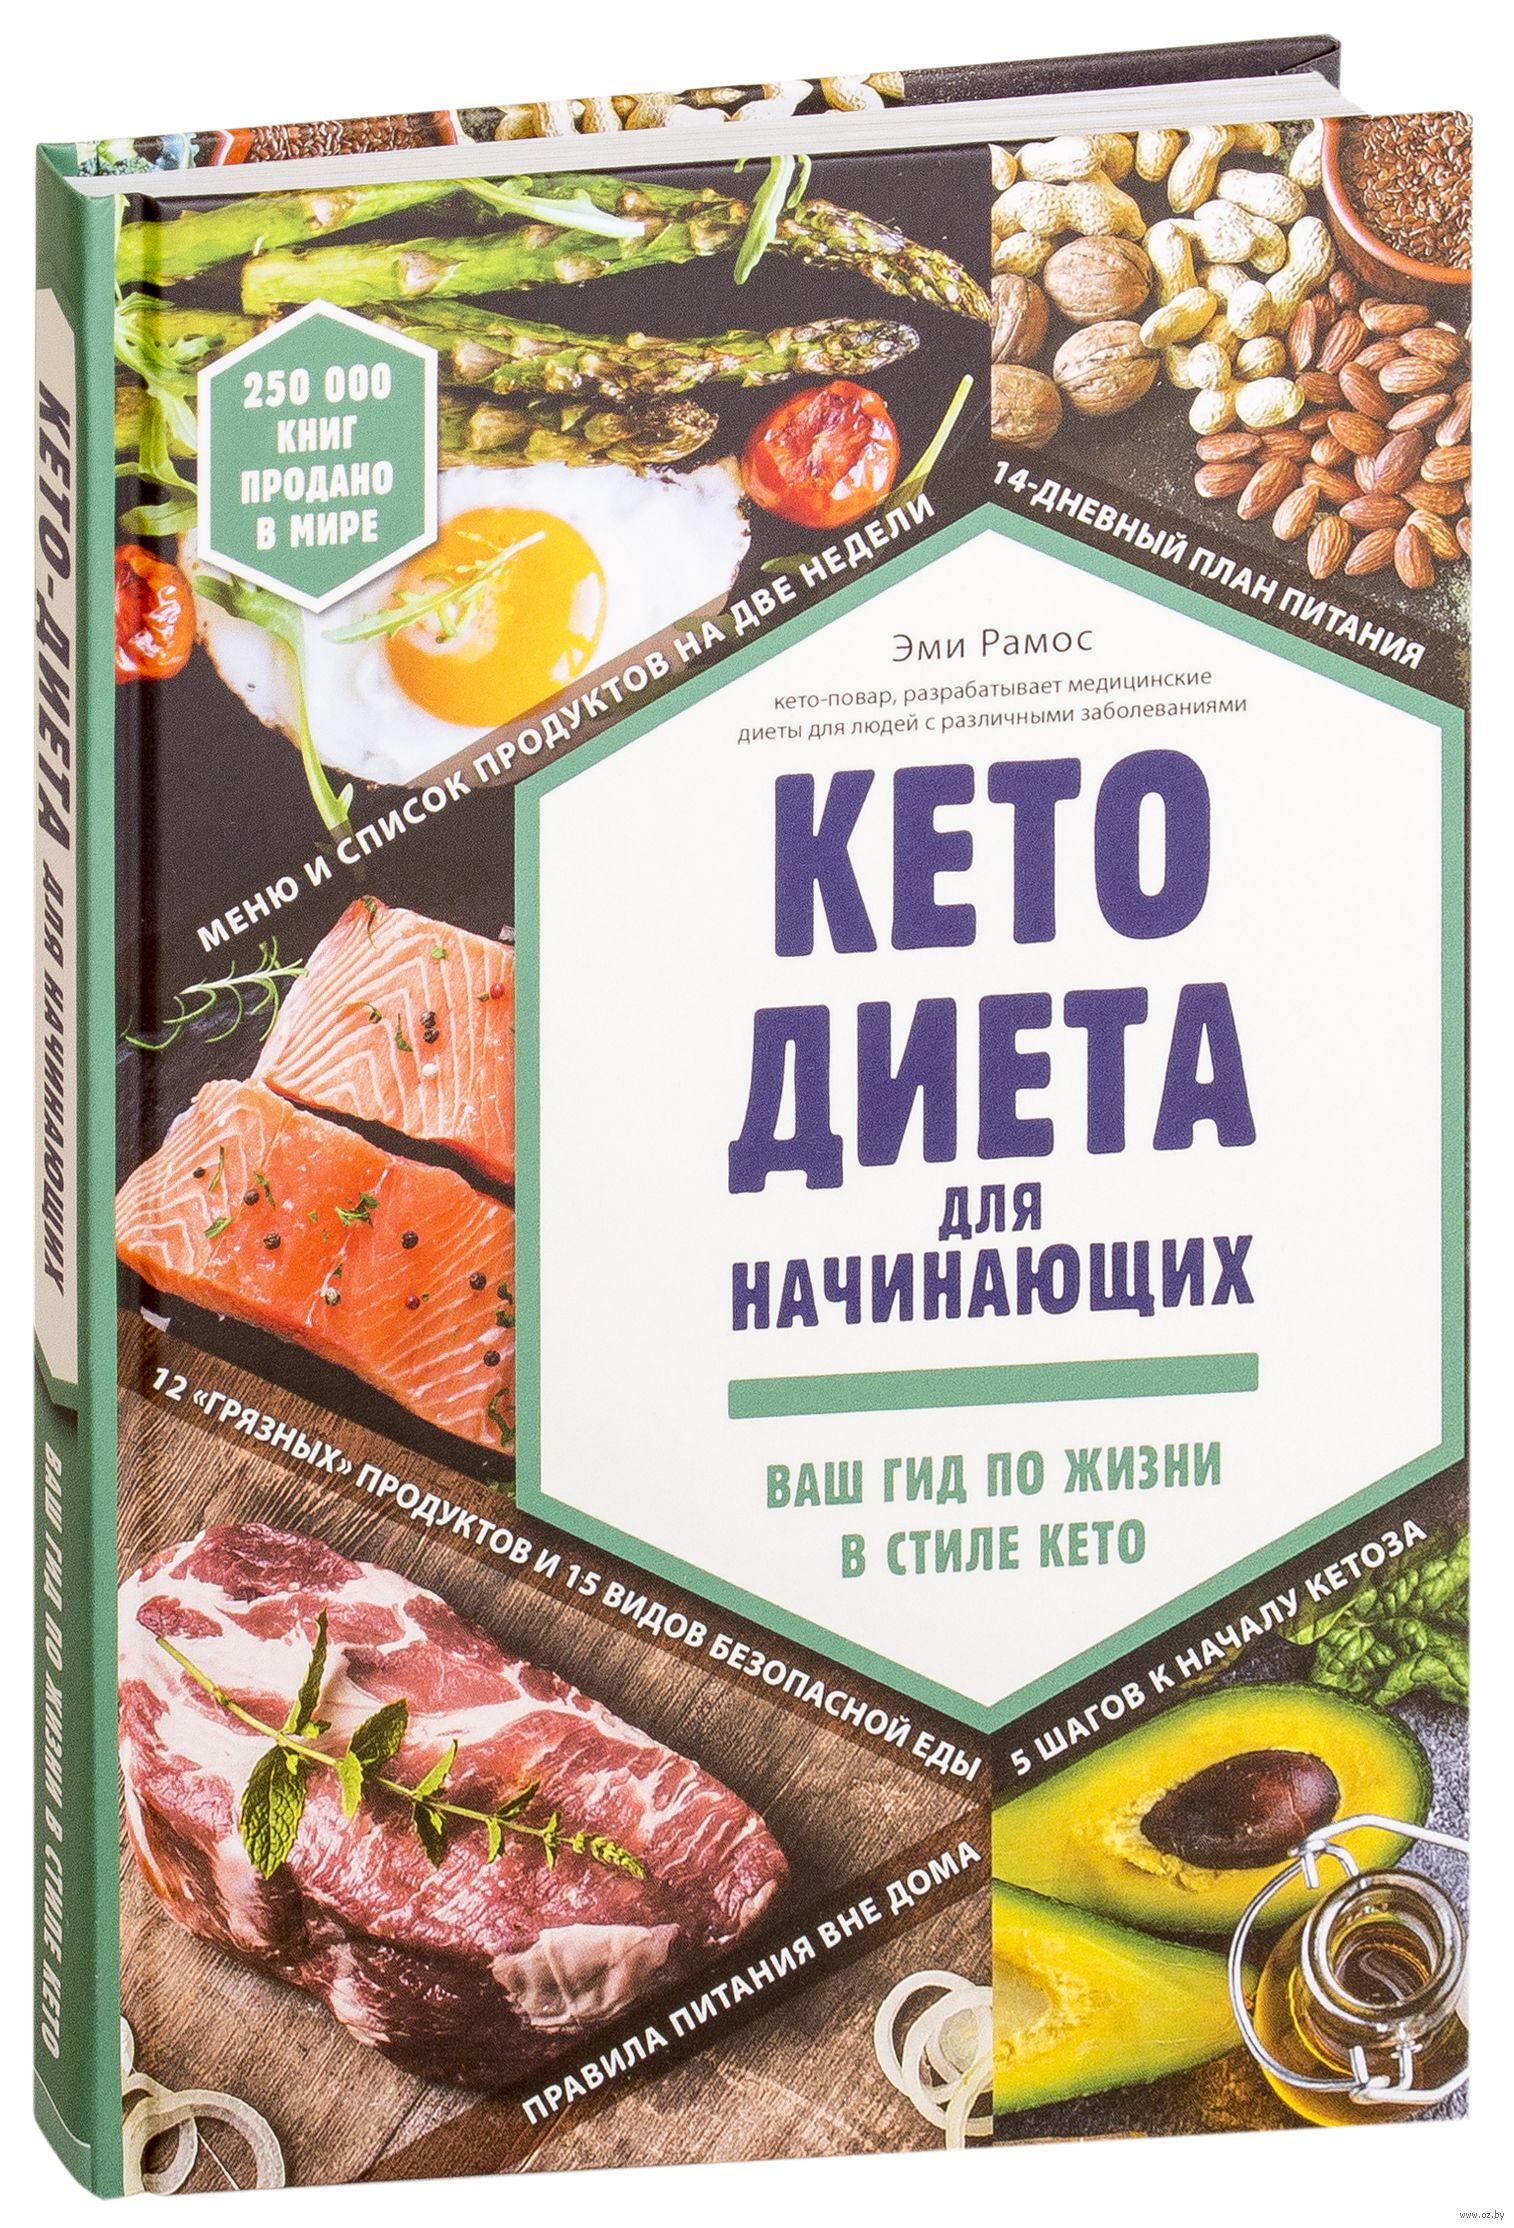 Кето-диета для начинающих. Ваш гид по жизни в стиле кето» эми.